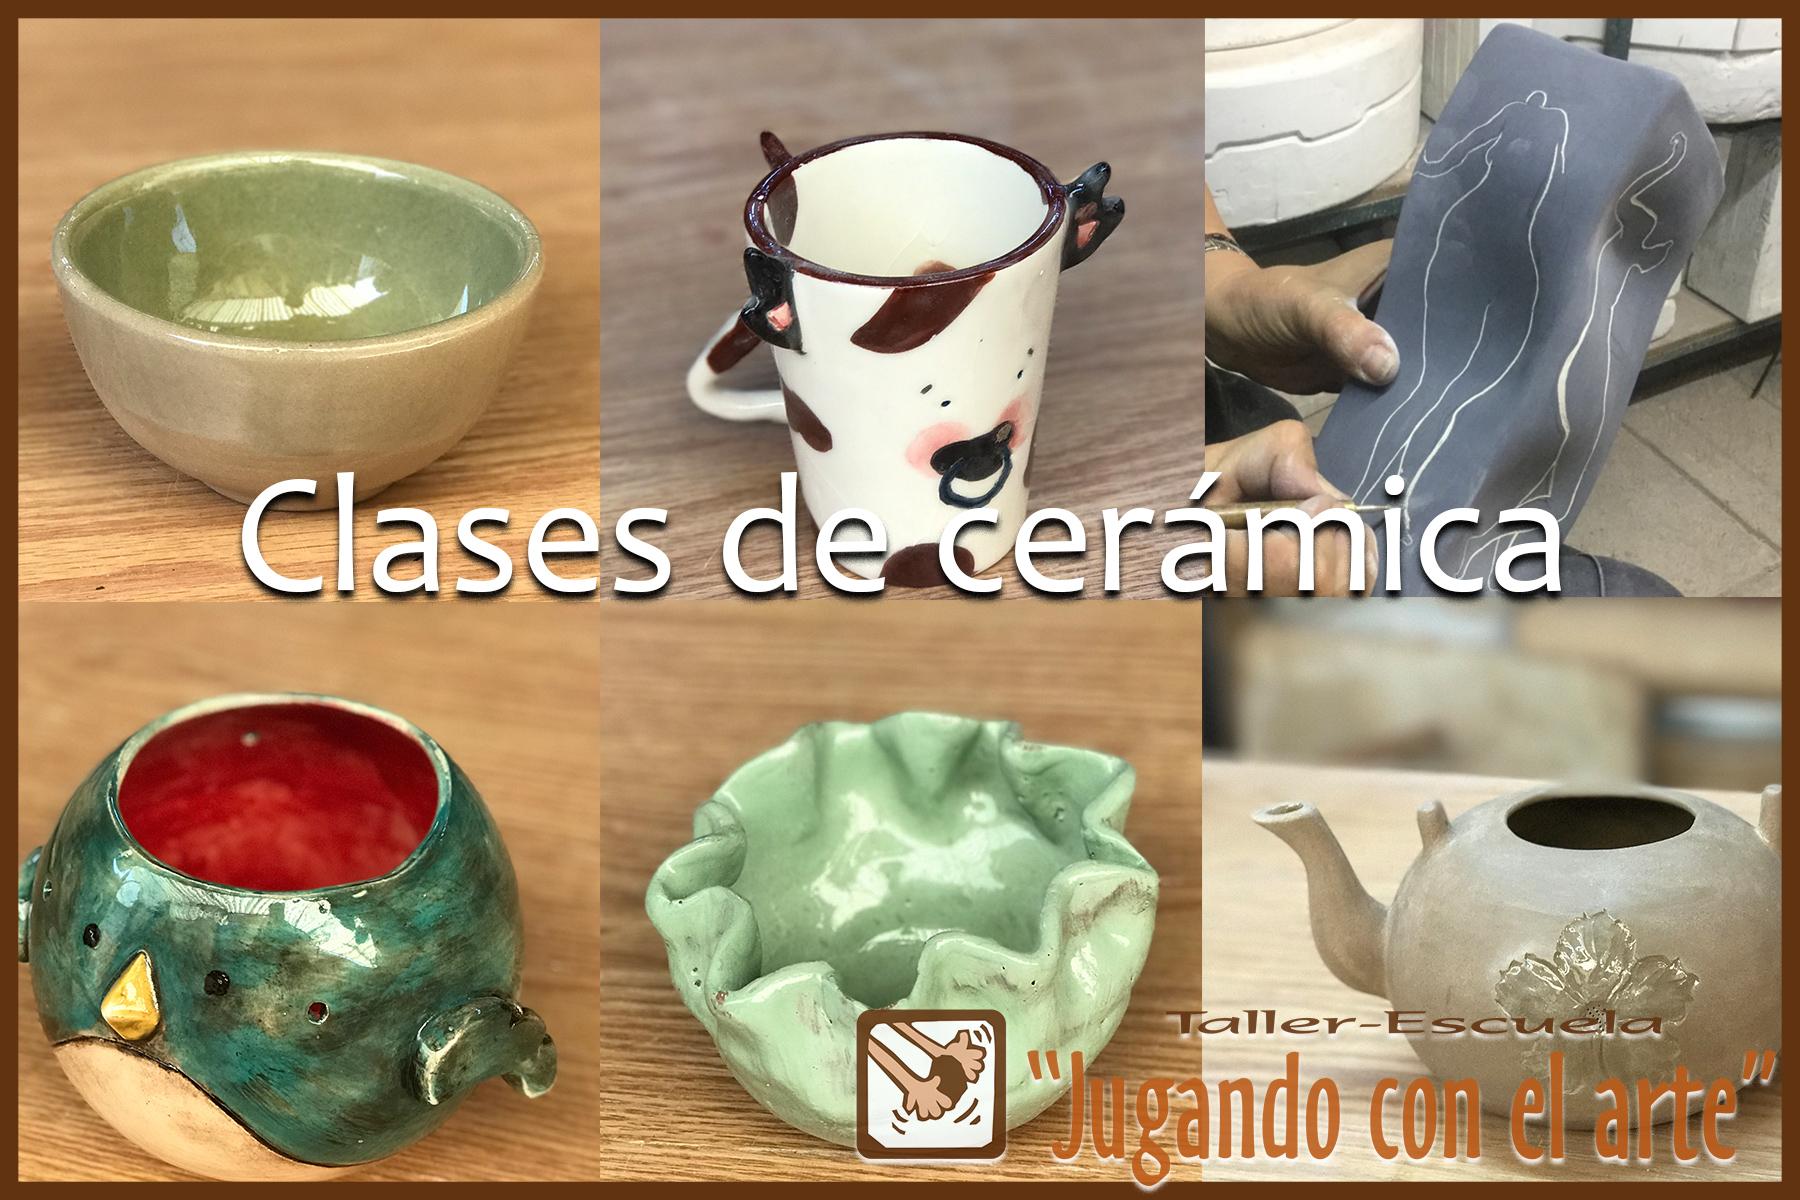 clases de cerámica